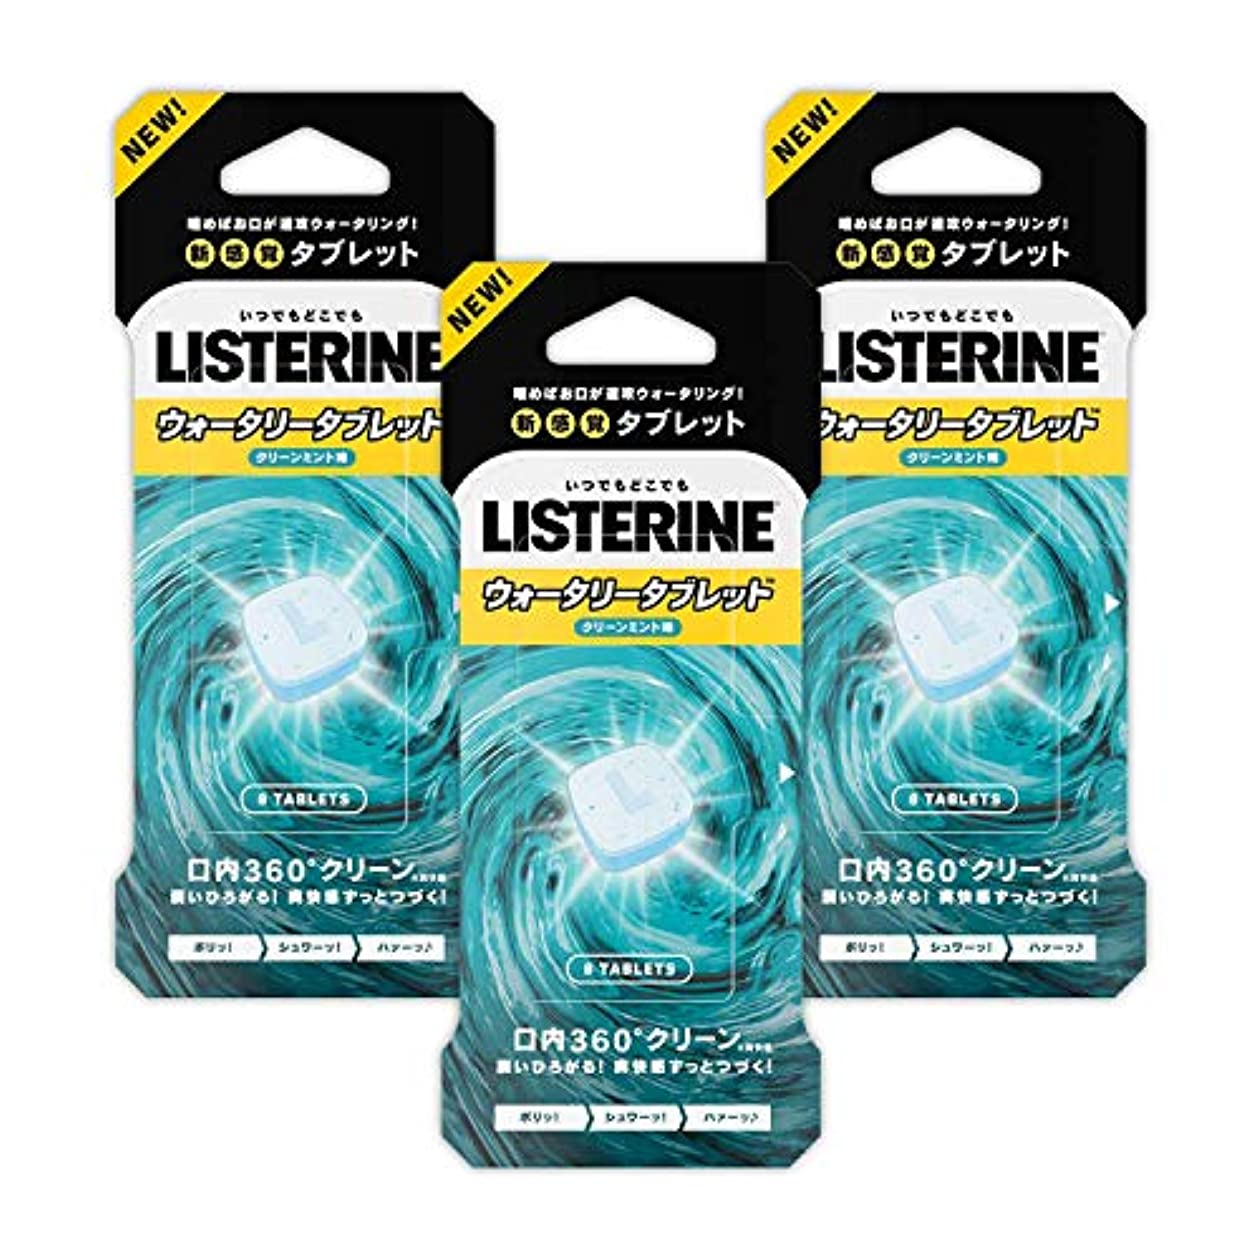 フォーク大策定する【Amazon.co.jp限定】 LISTERINE(リステリン) ウォータリータブレット 口臭清涼剤 8個入×3